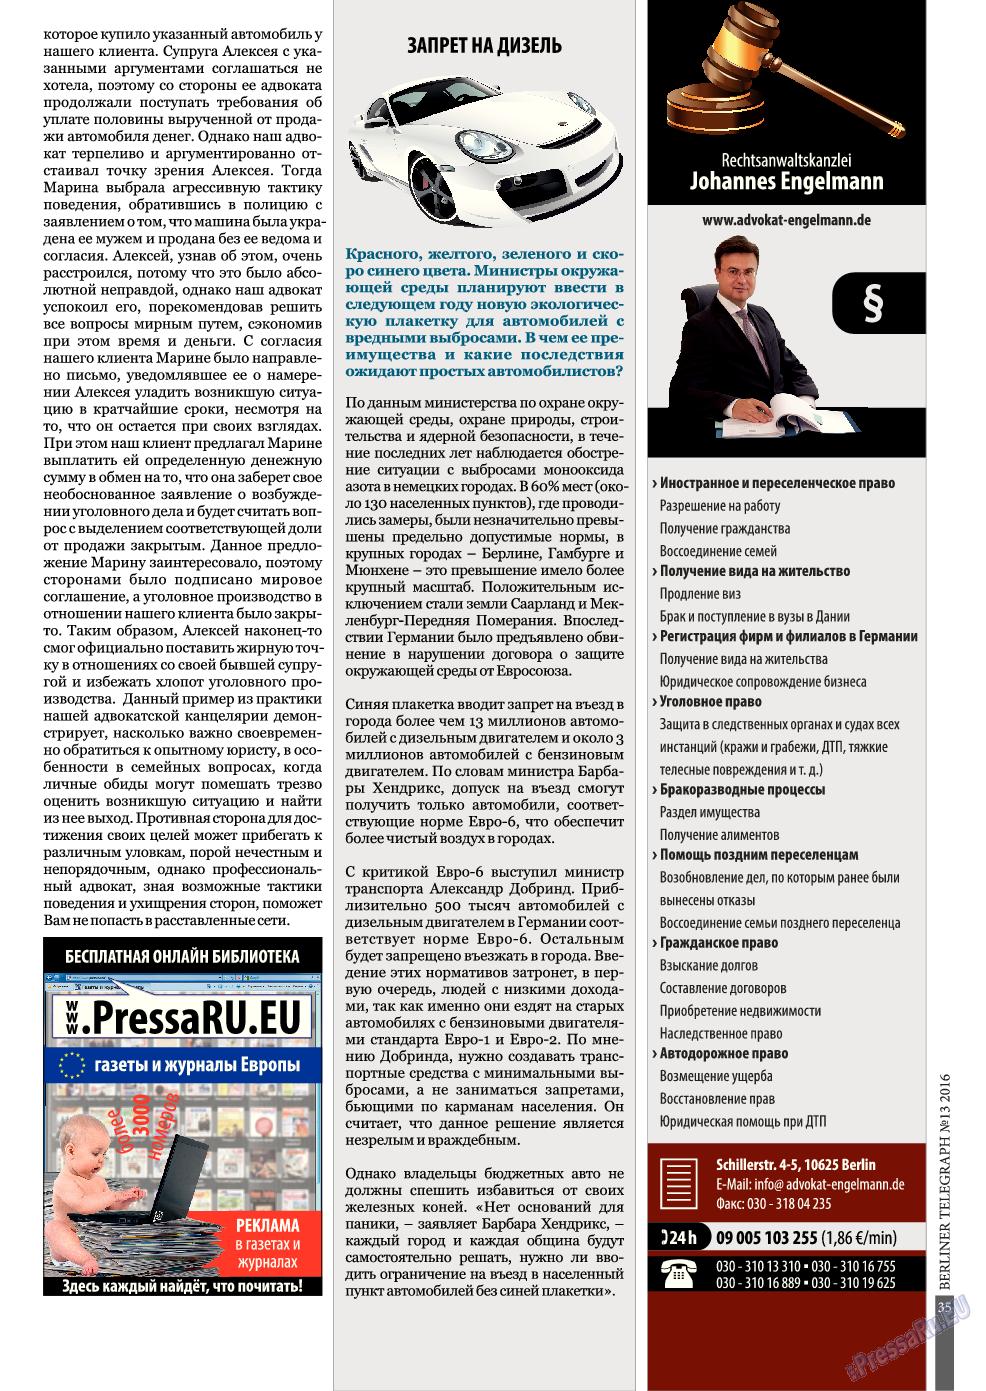 Берлинский телеграф (журнал). 2016 год, номер 13, стр. 35